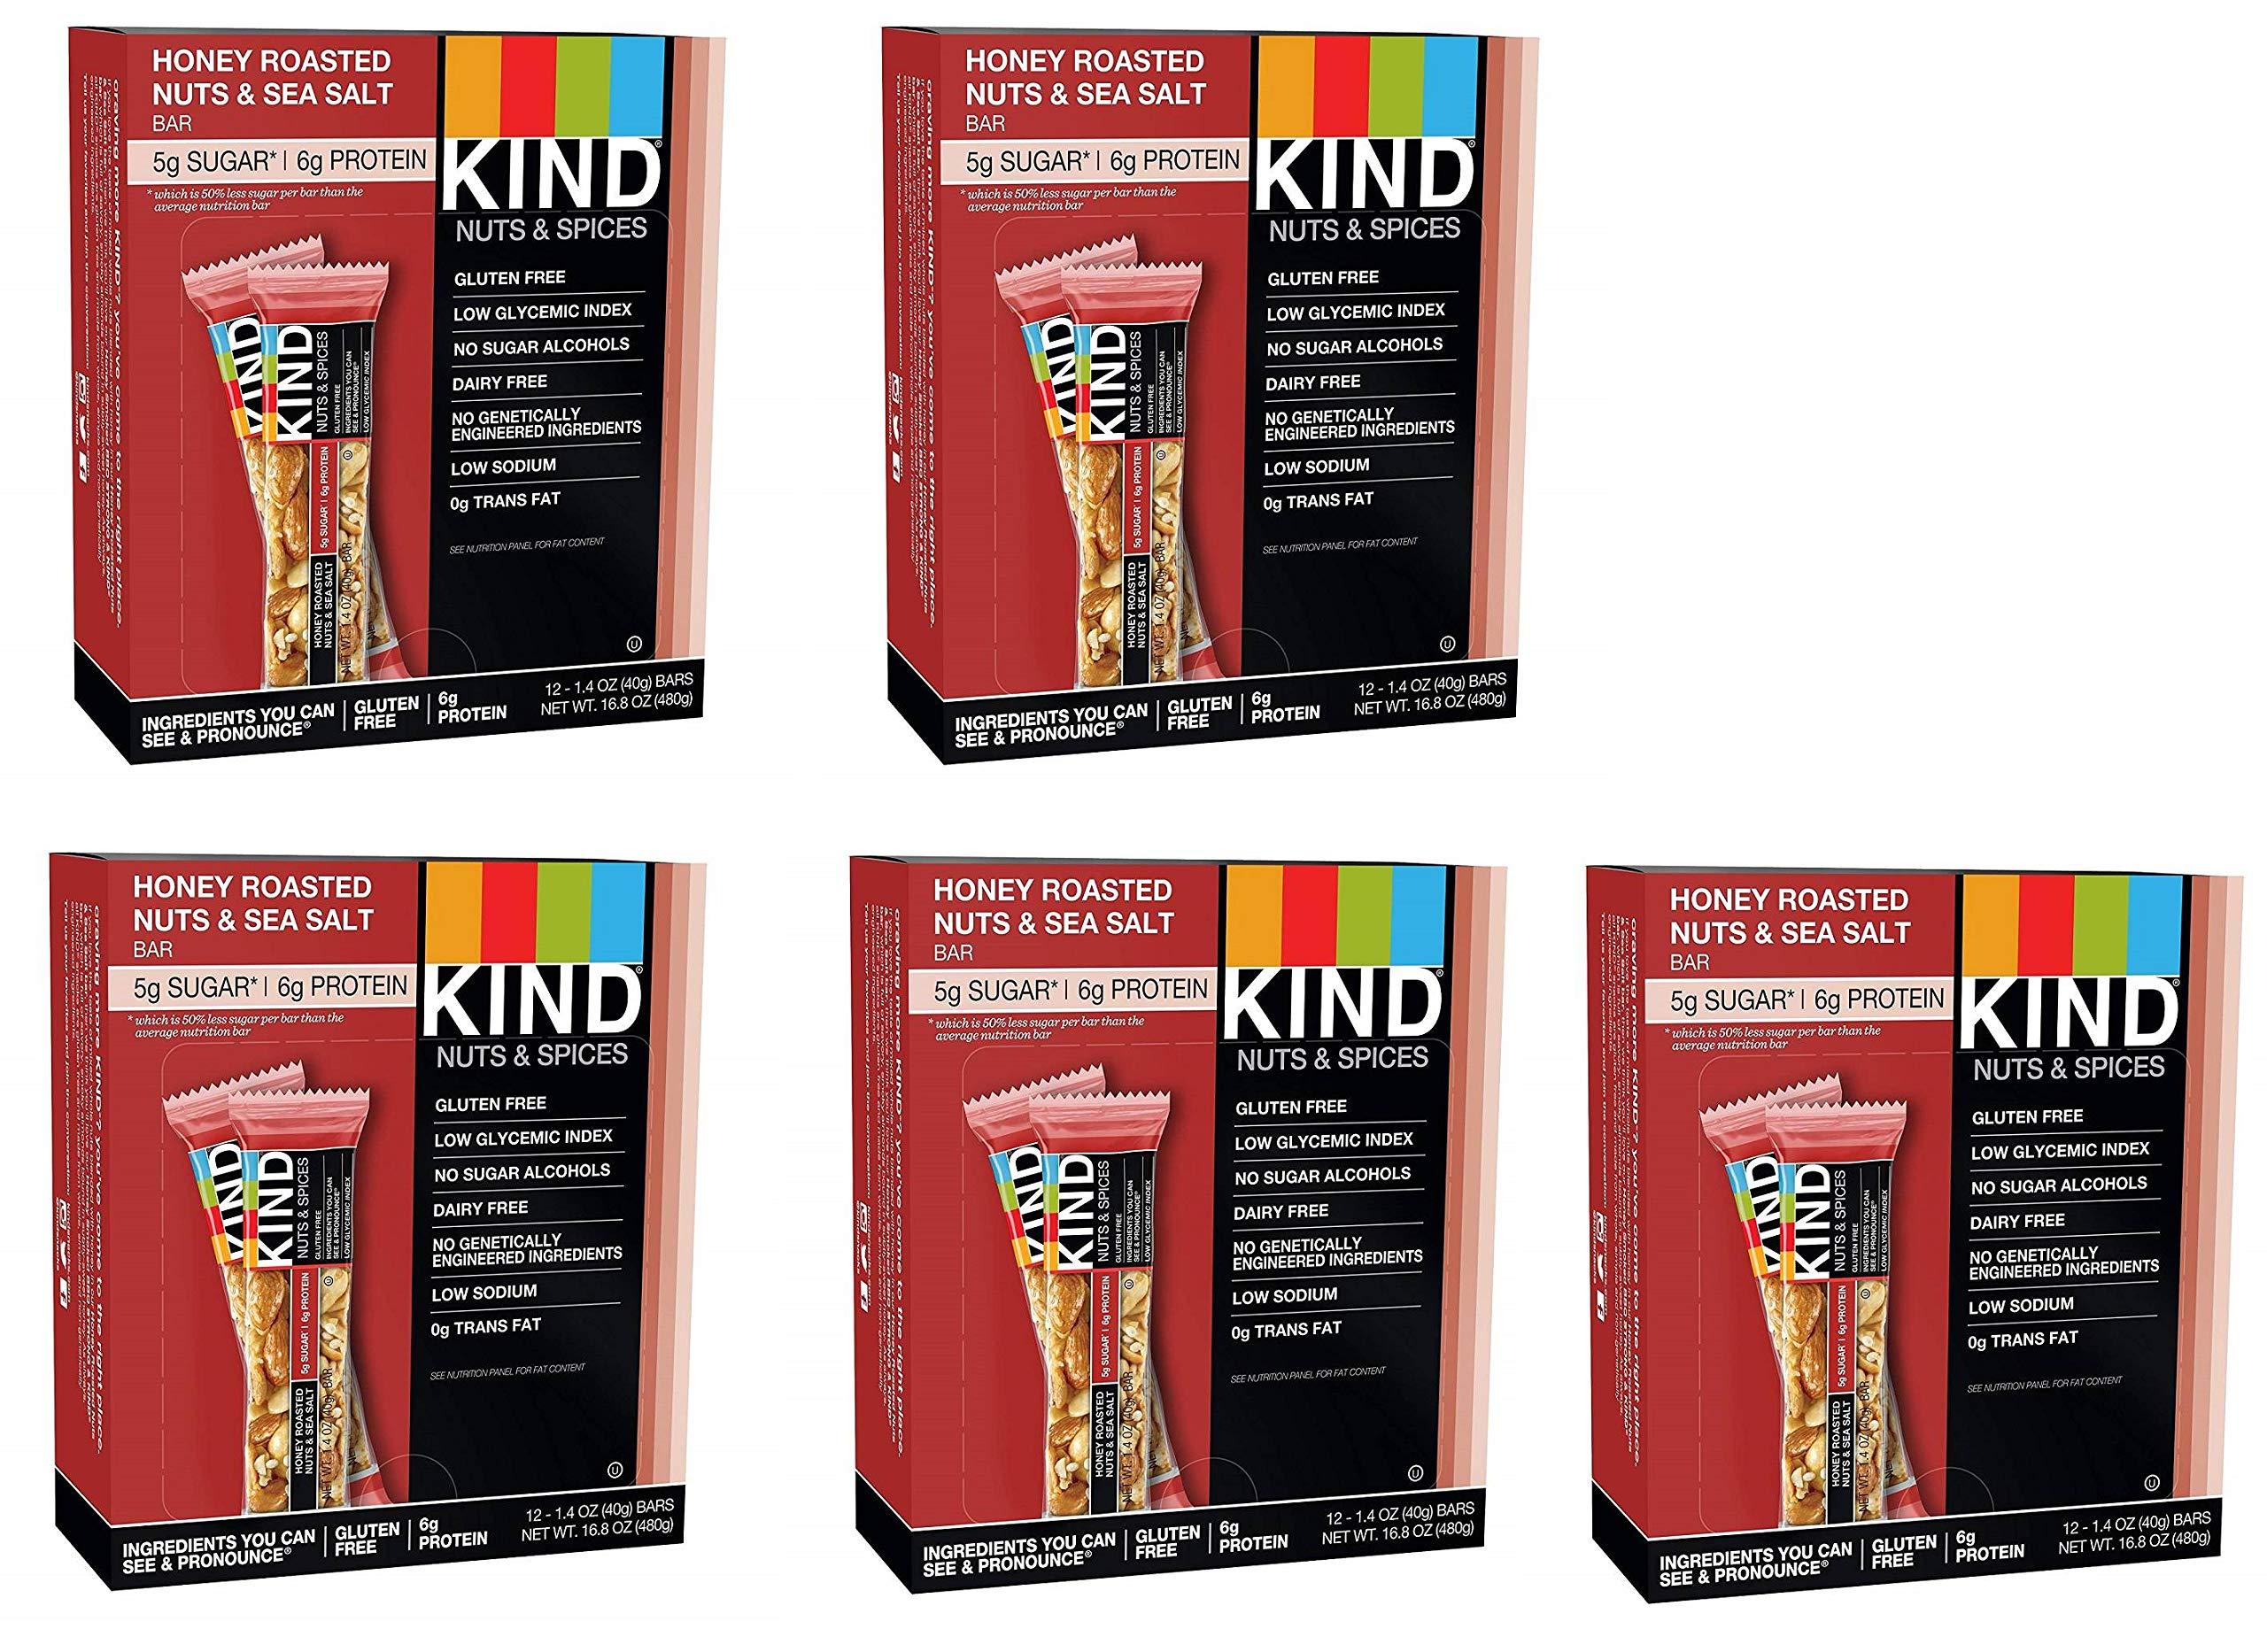 KIND Bars, Honey Roasted Nuts and Sea Salt, Gluten Free, Low Sugar, 1.4oz, 60 Bars